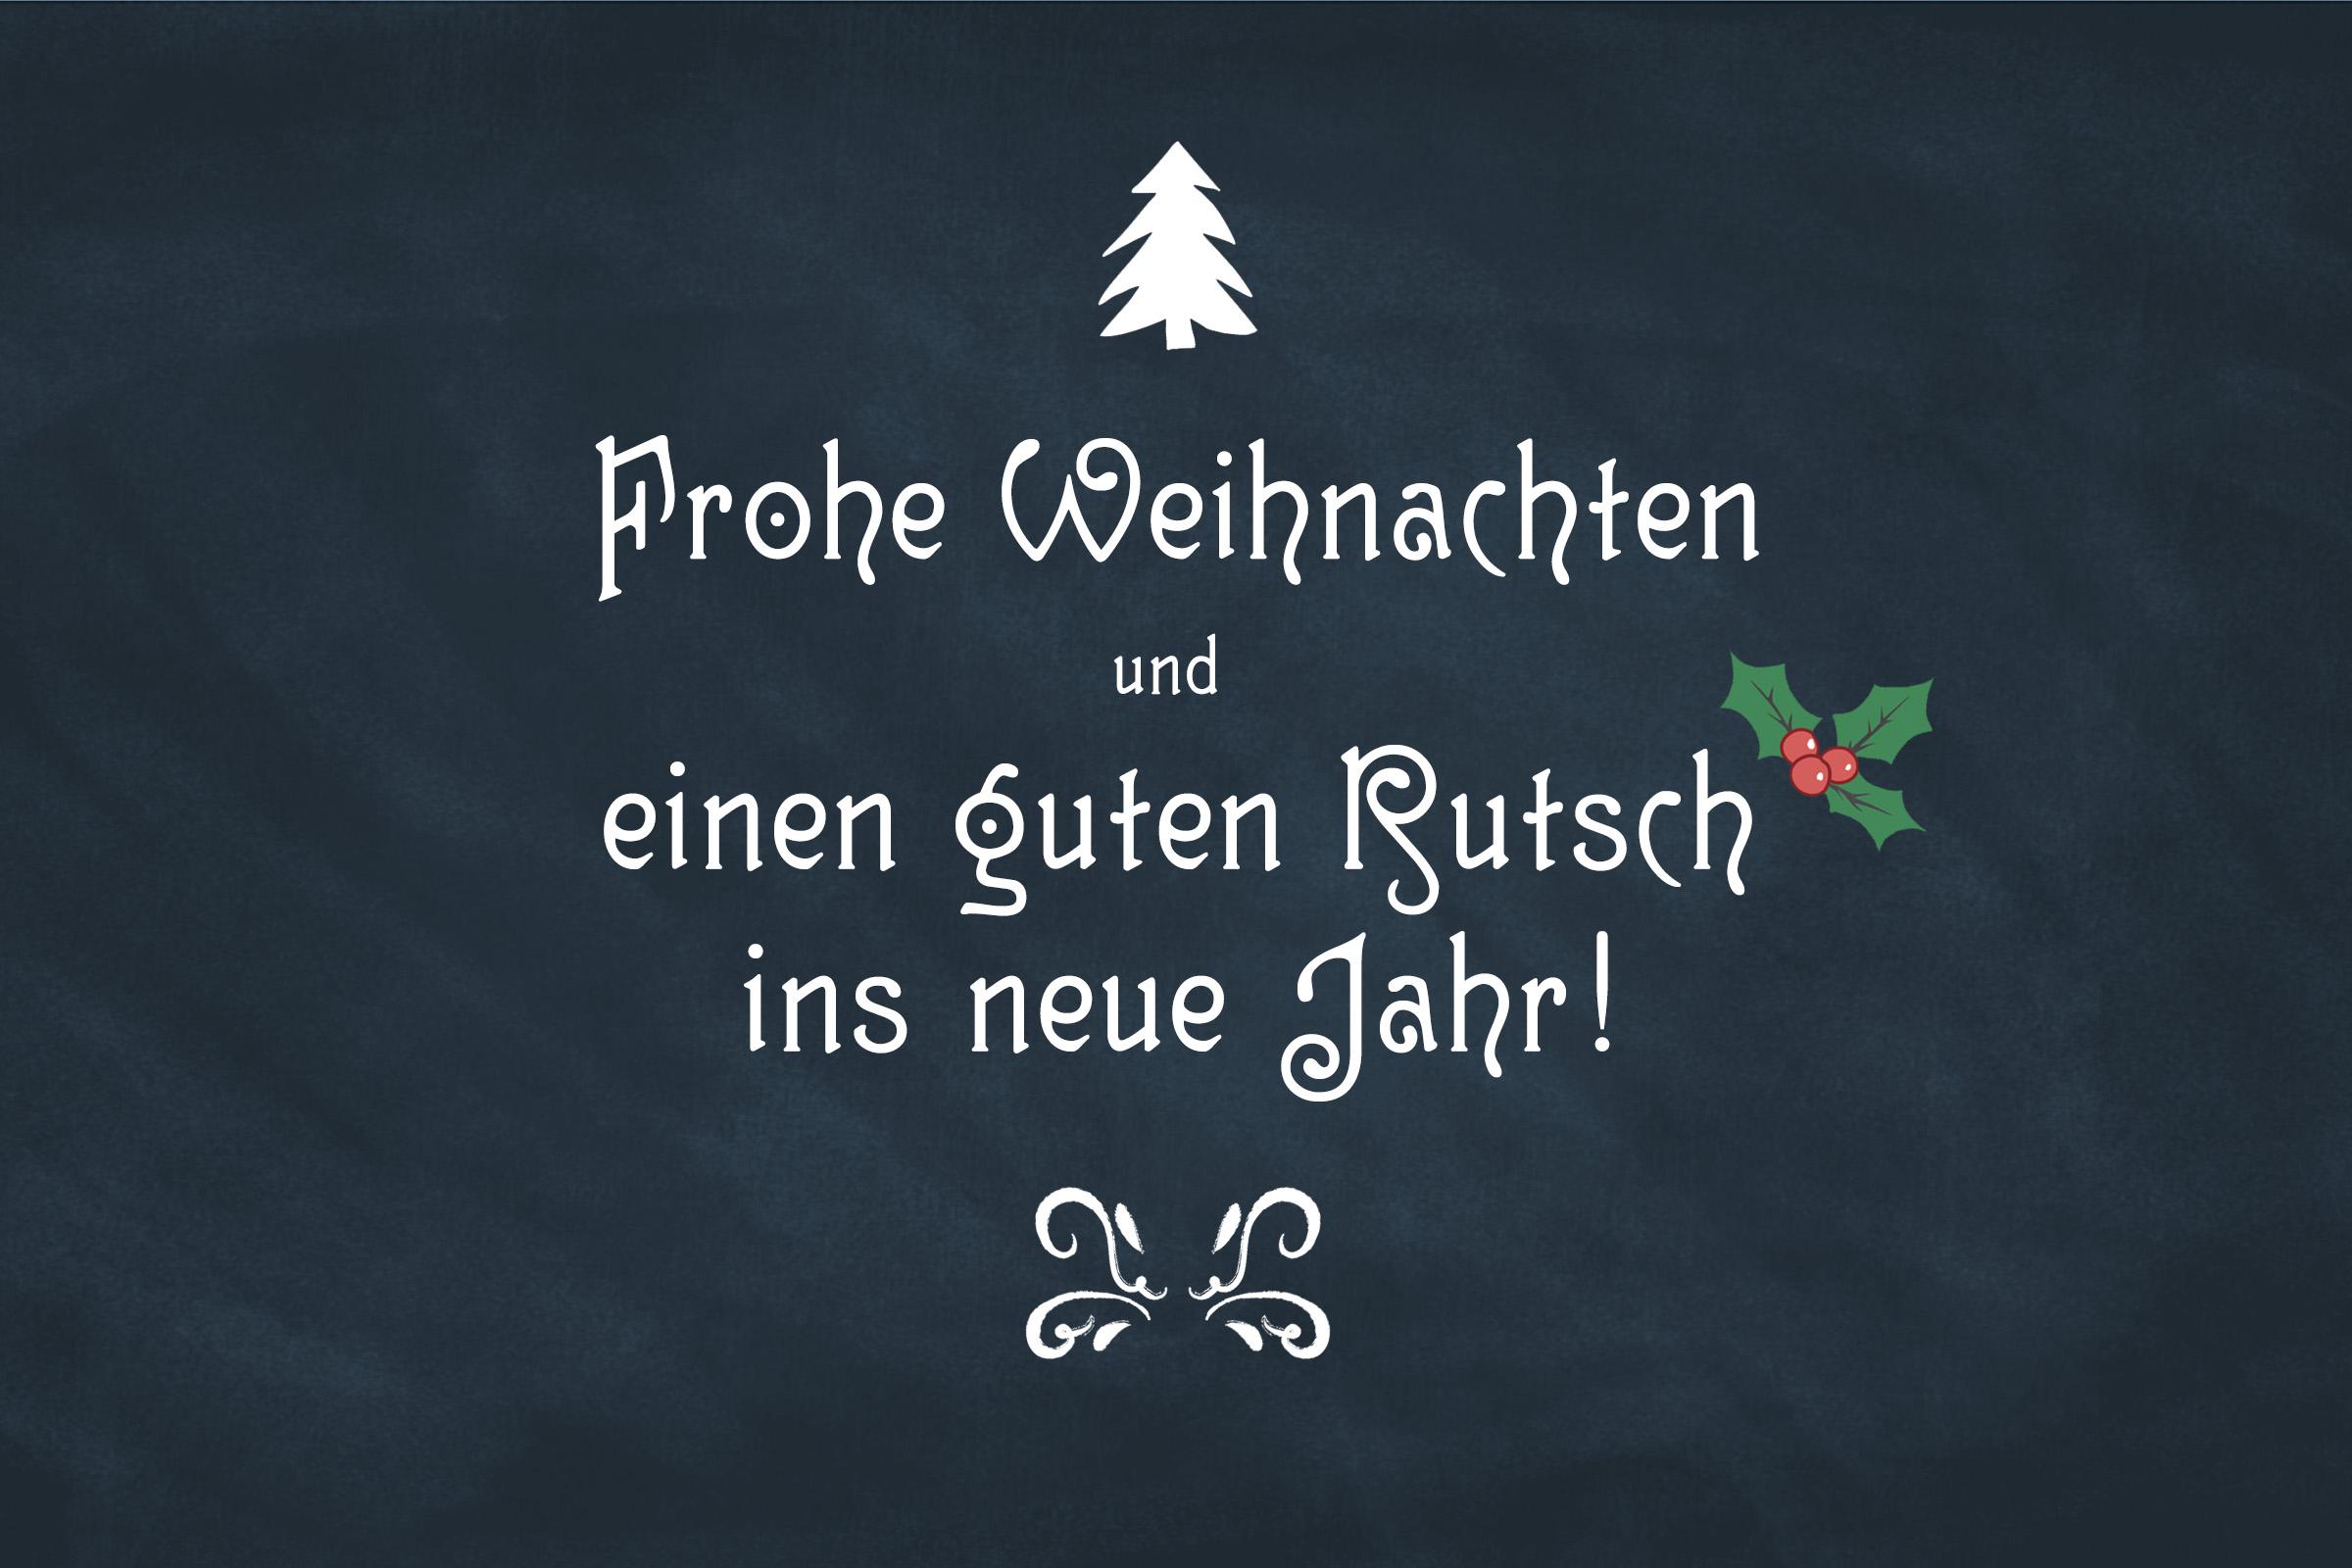 Weihnachten neujahr 006 hintergrundbild kostenlos - Cliparts weihnachten und neujahr kostenlos ...